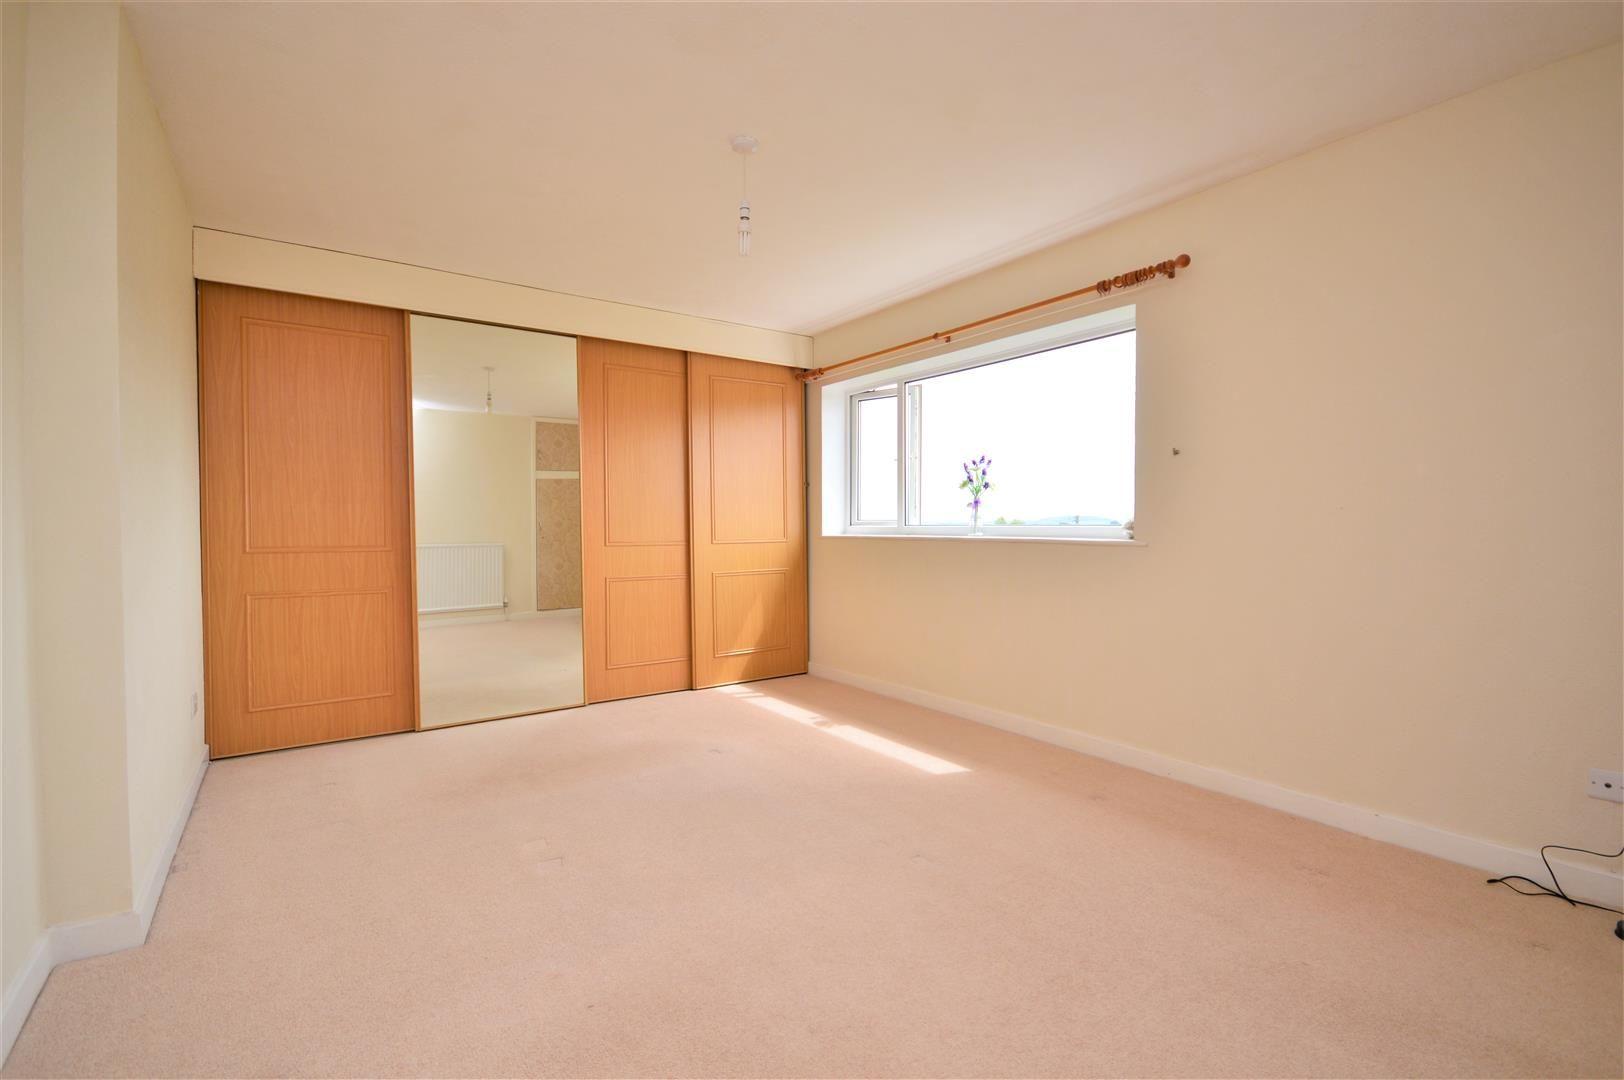 4 bed detached for sale in Tillington  - Property Image 11